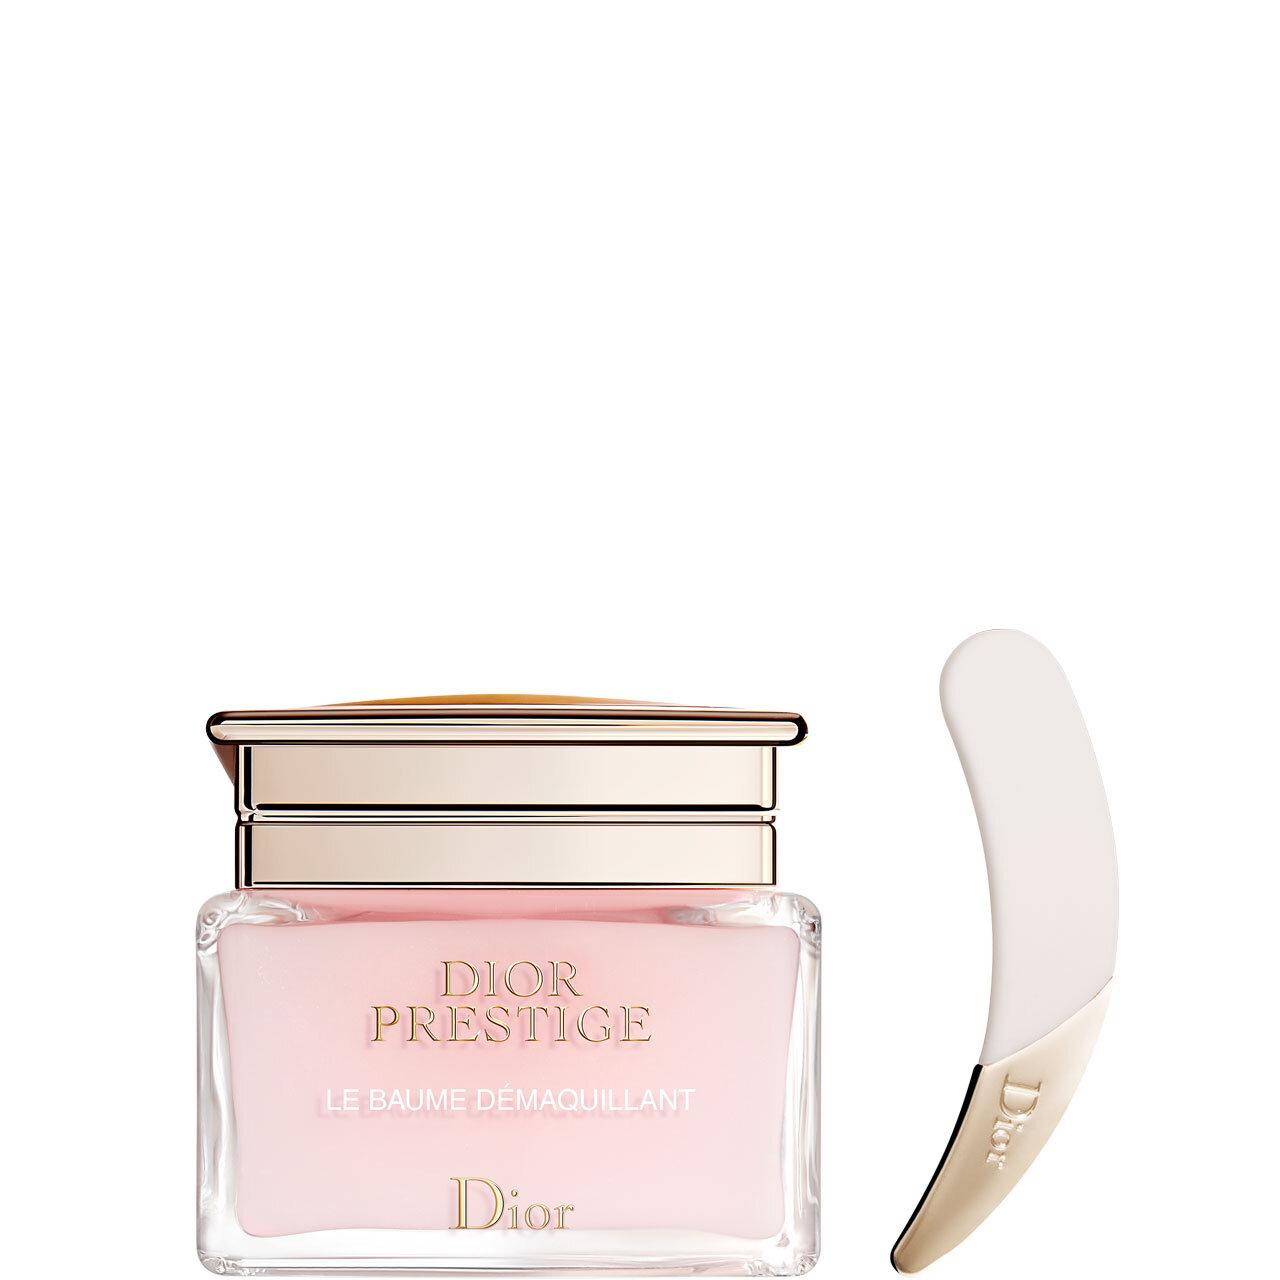 Dior ディオール プレステージ ル バーム デマキヤント